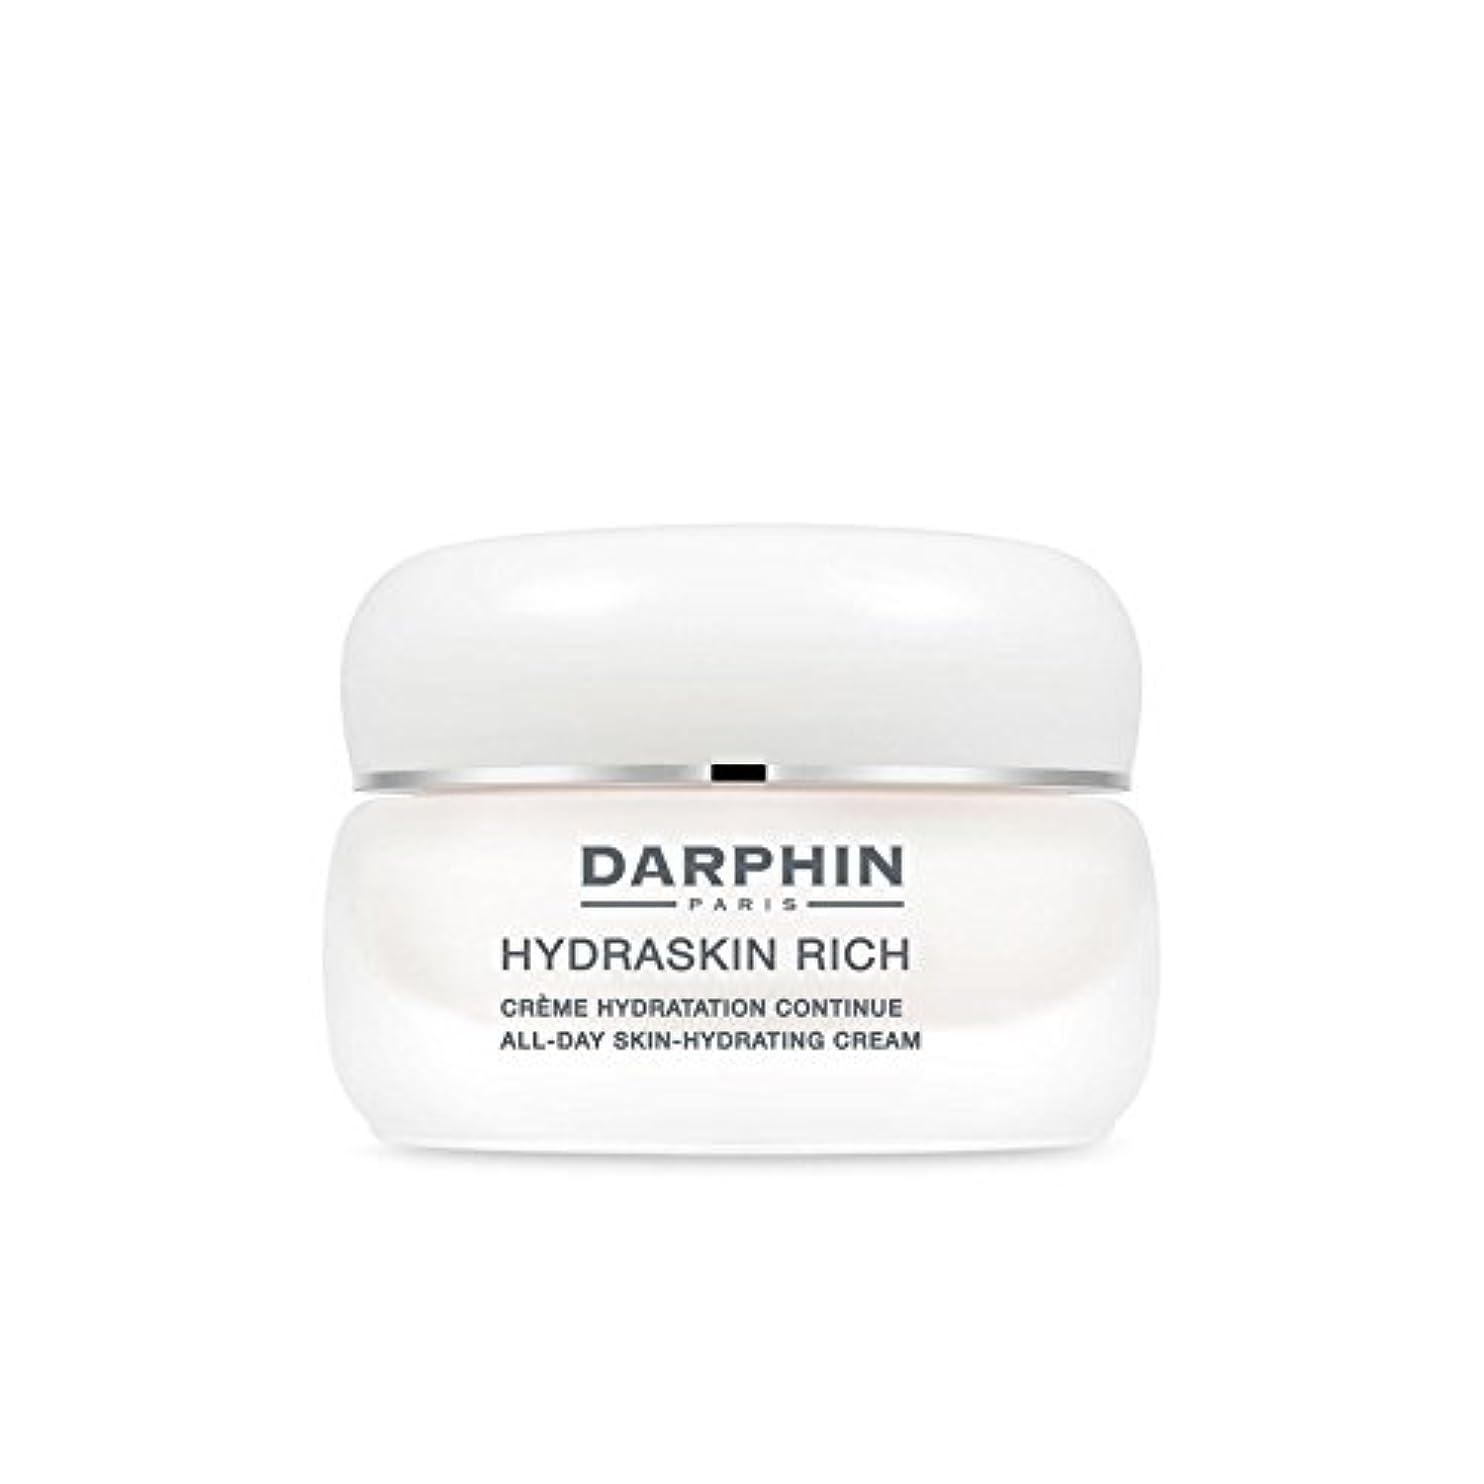 テキスト定説平行Darphin Hydraskin Rich -Protective Moisturising Cream (50ml) - 豊富 - 保護保湿クリーム(50)にダルファン [並行輸入品]